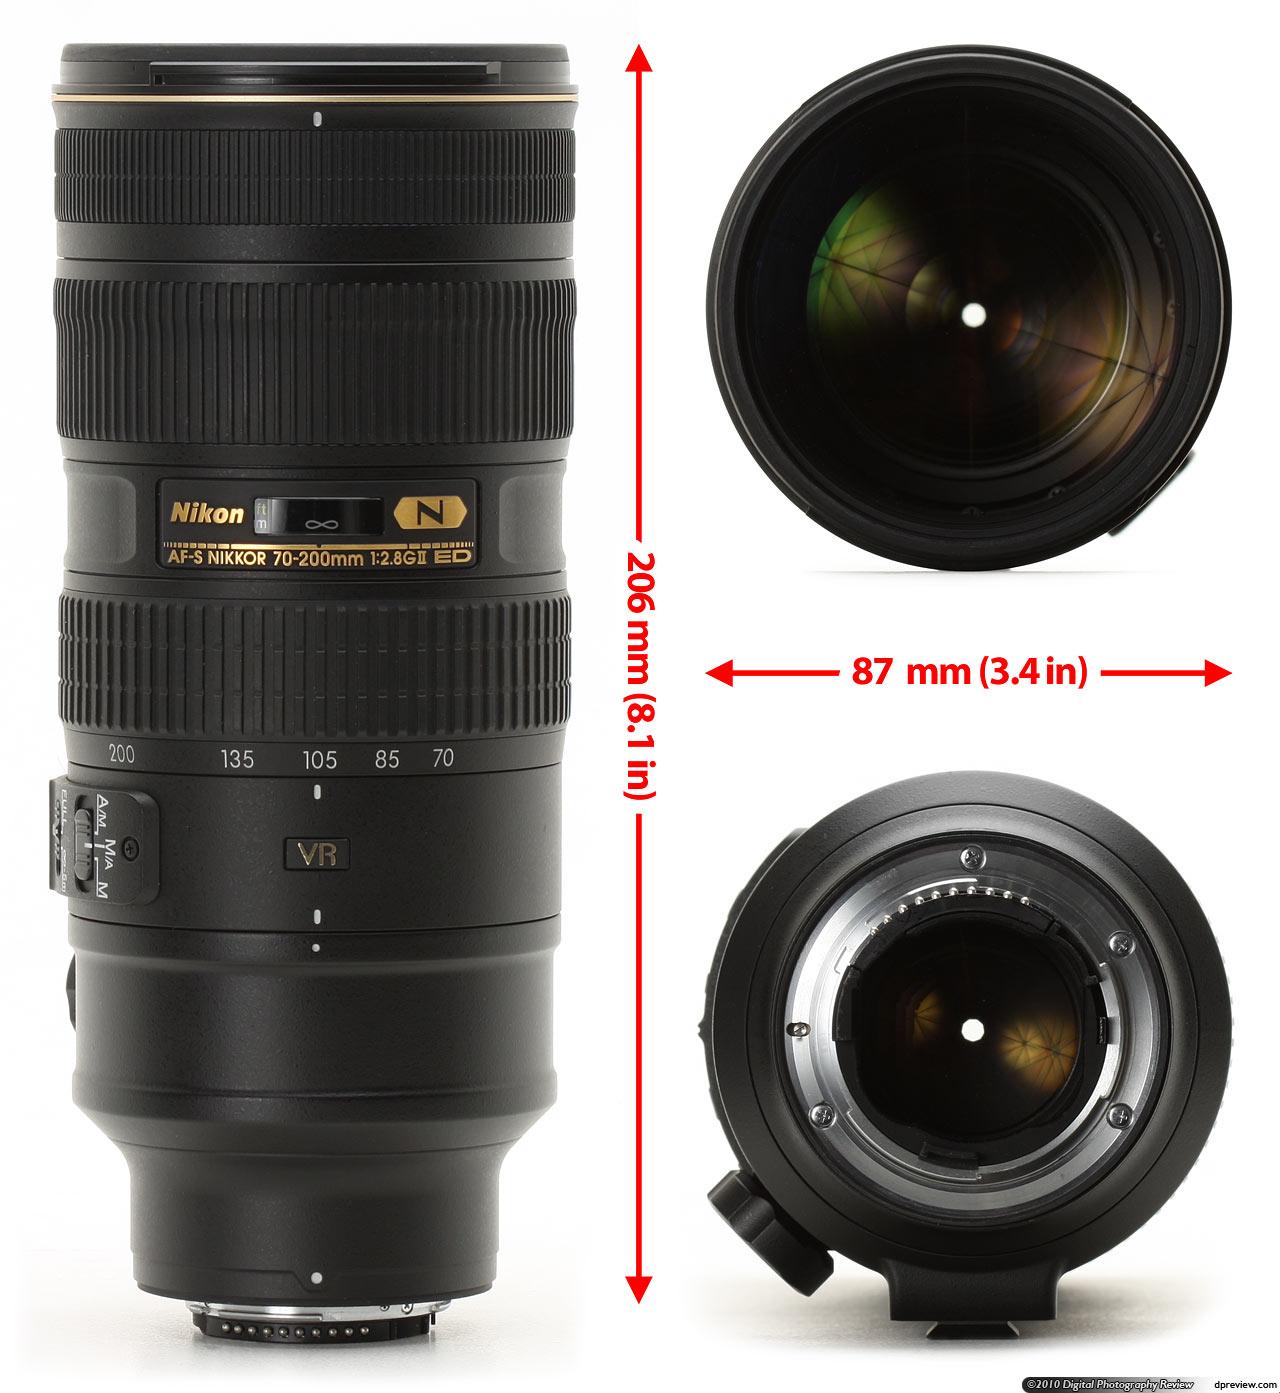 77mm Tulip Lens Hood For Nikon AF-S Nikkor 24-70mm f//2.8G ED Autofocus Lens Nikon AF-S Nikkor 70-200mm f//2.8G ED VR II Lens Nikon AF-S NIKKOR 28-300mm f//3.5-5.6G ED VR Zoom Lens